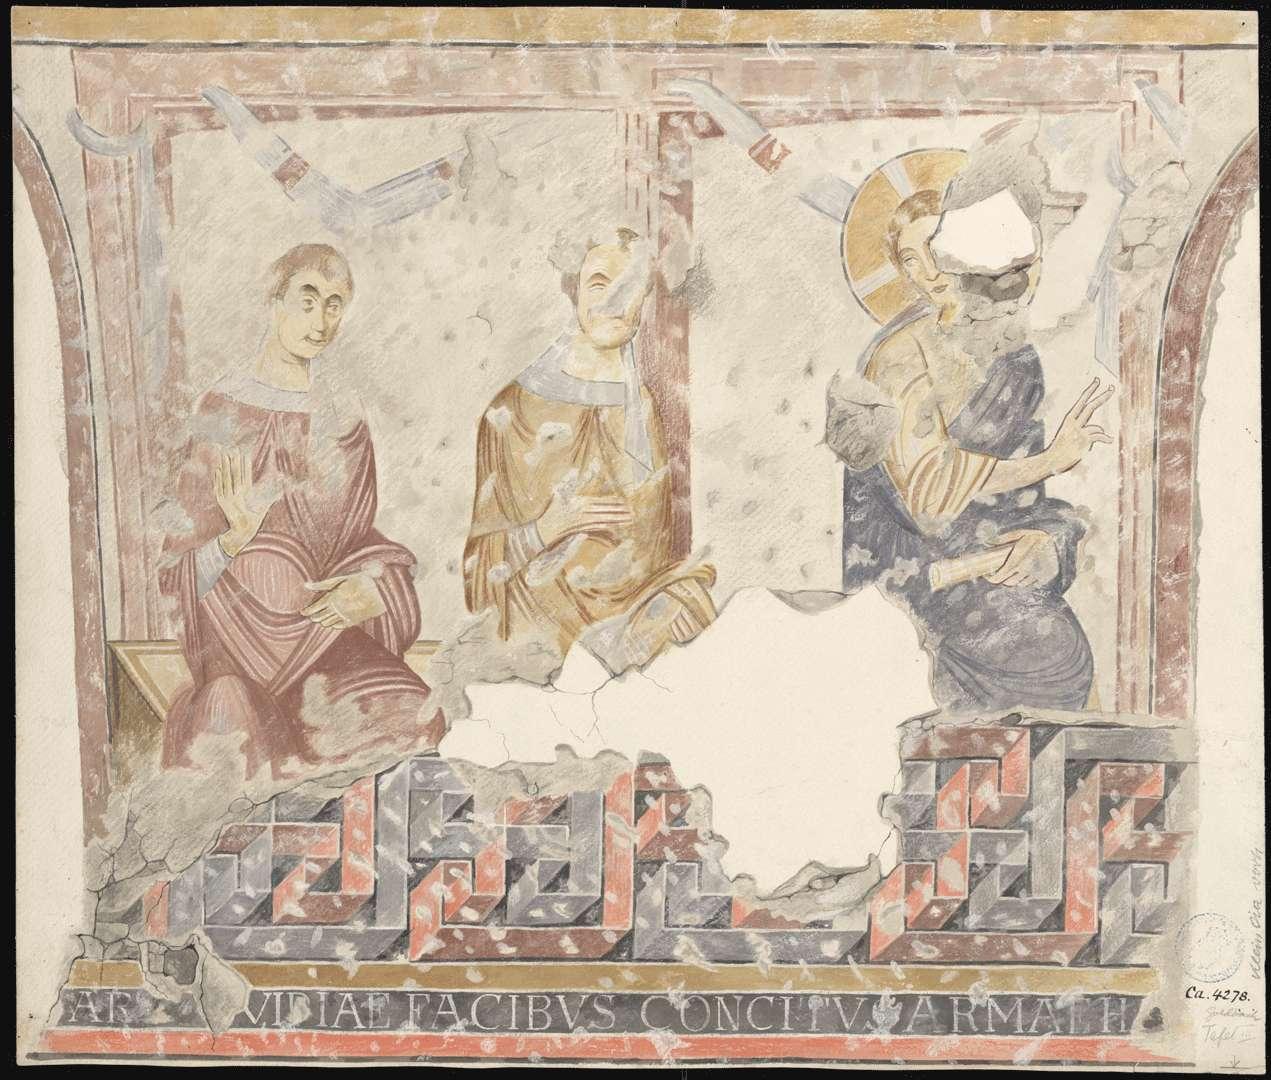 Goldbach St. Sylvester-Kapelle Streitgespräch mit Pharisäern auf der Südwand des Kirchenschiffes, Bild 1